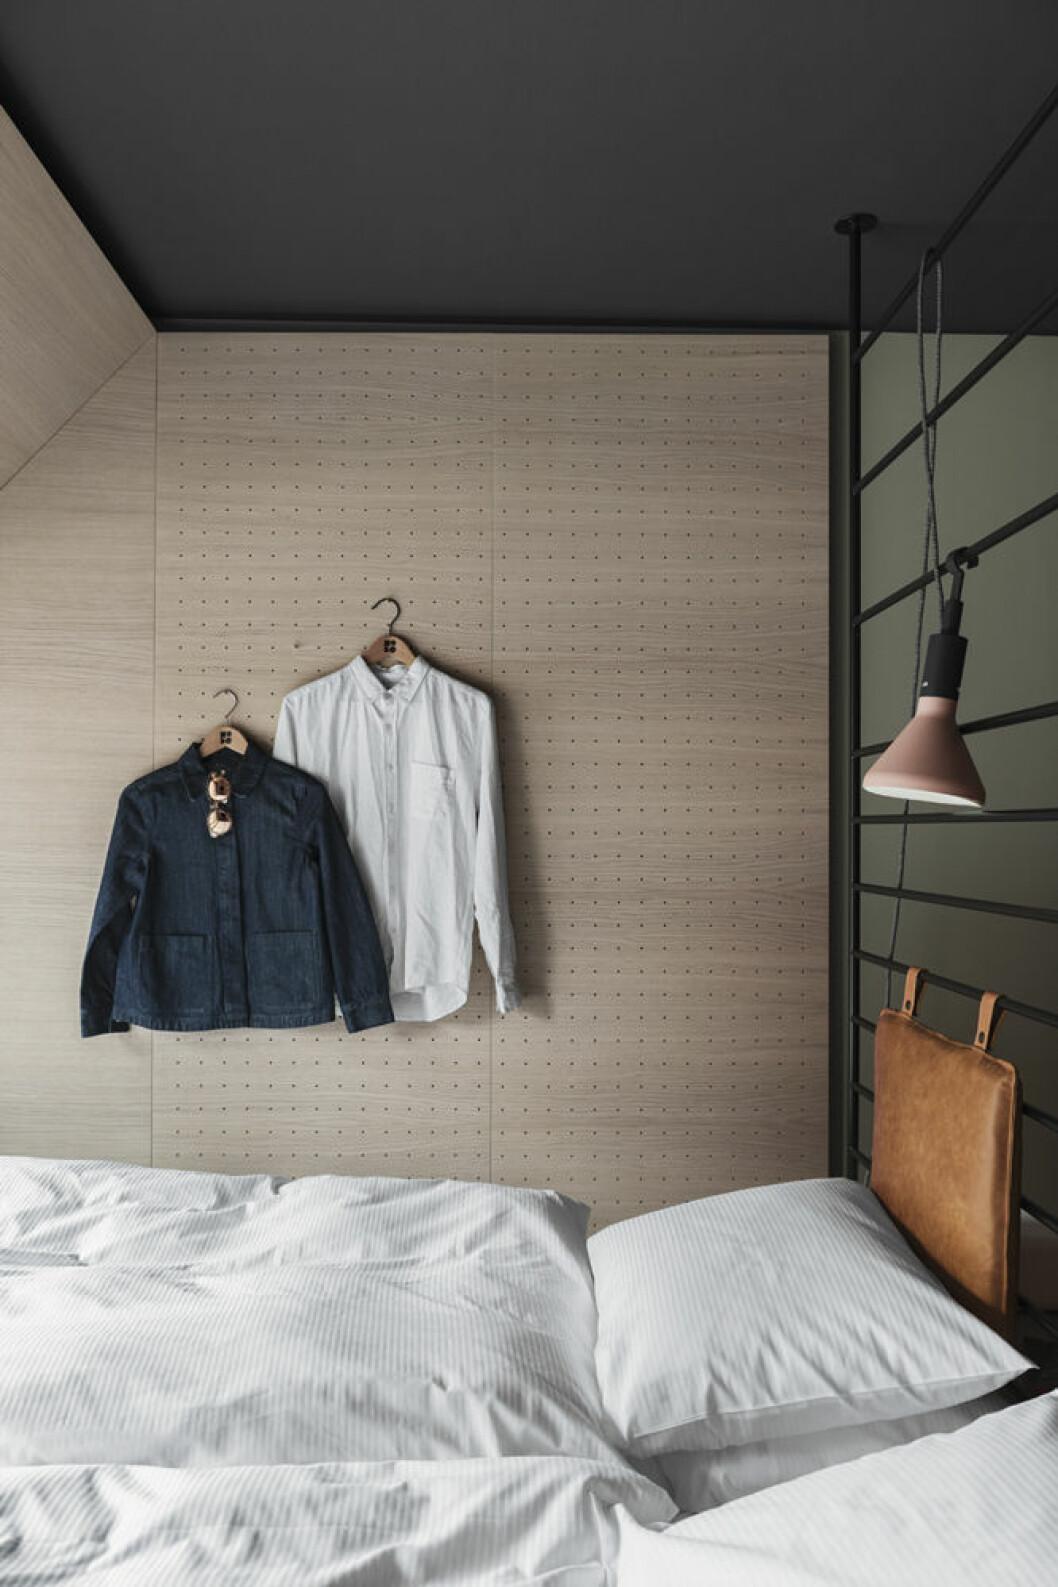 2_hobo_room_5217